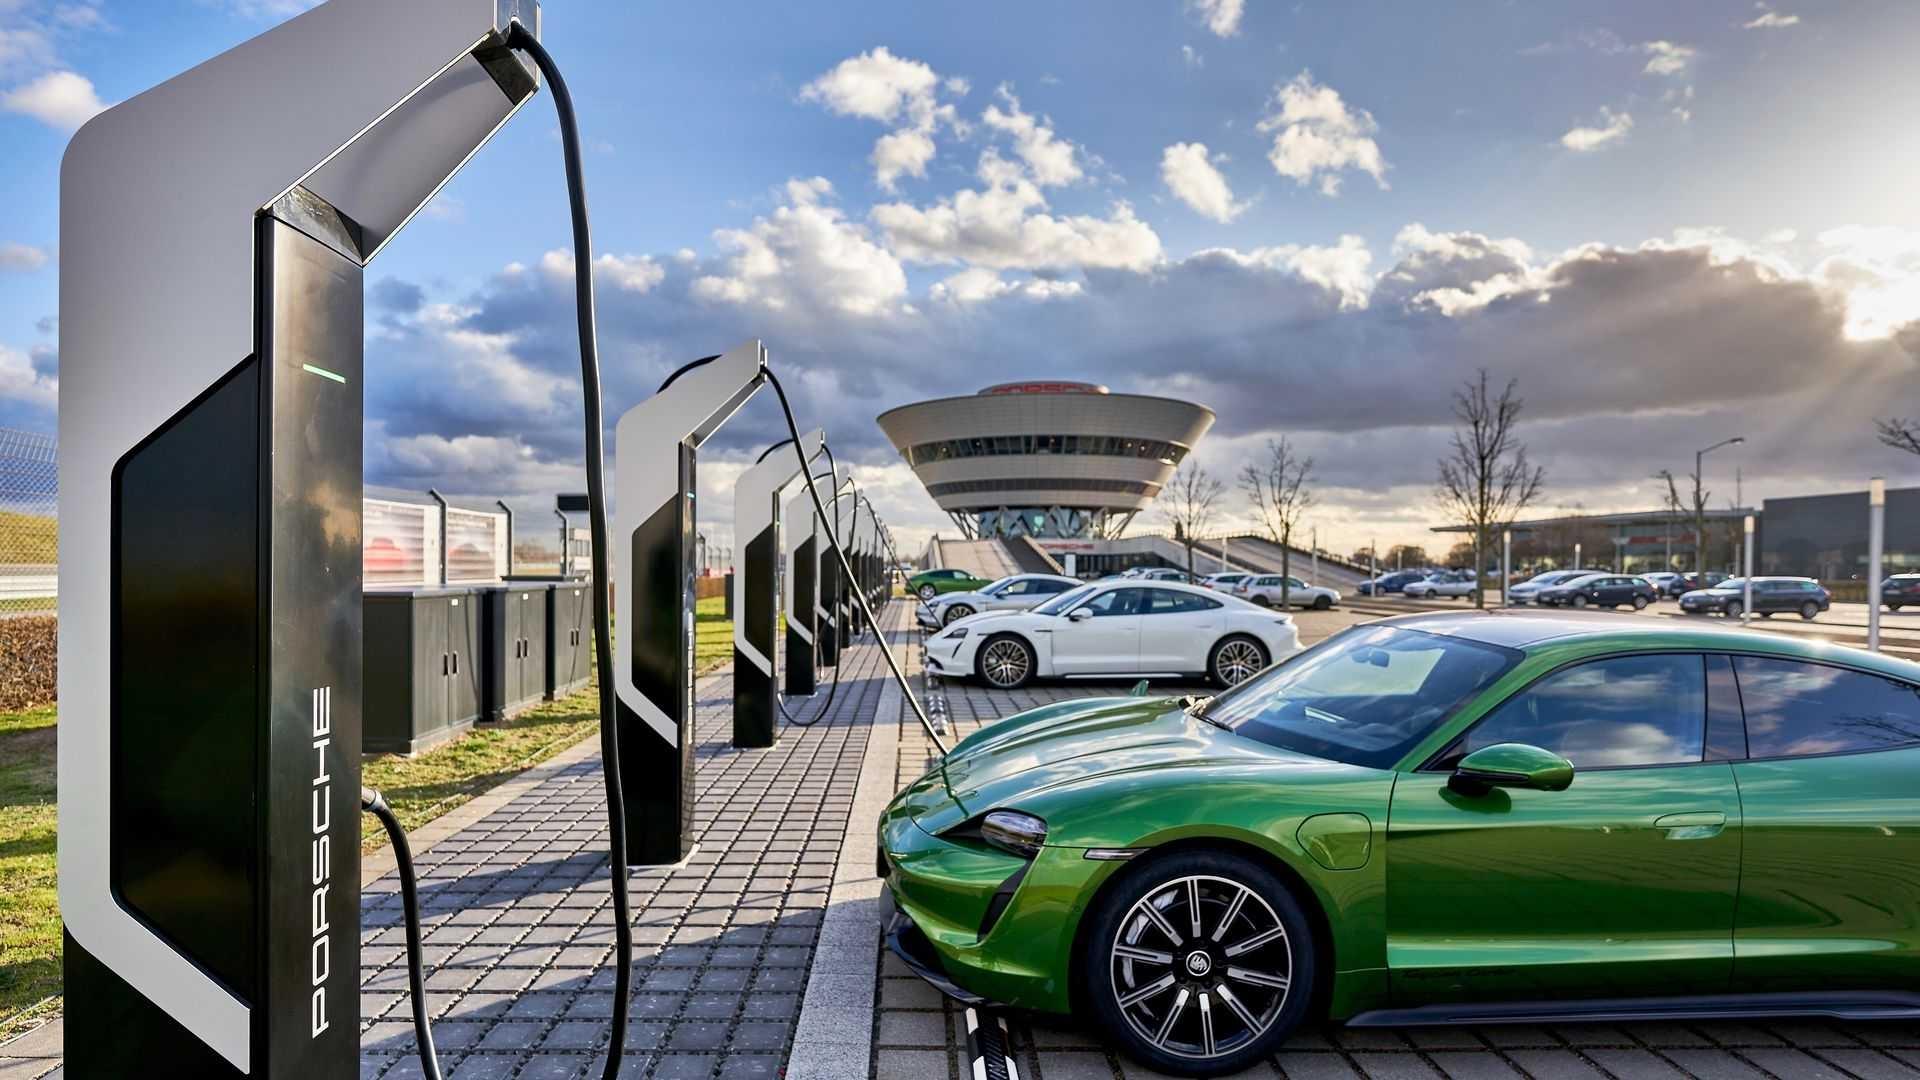 欧盟电动汽车发展,未来10年需投资800亿欧元建充电站